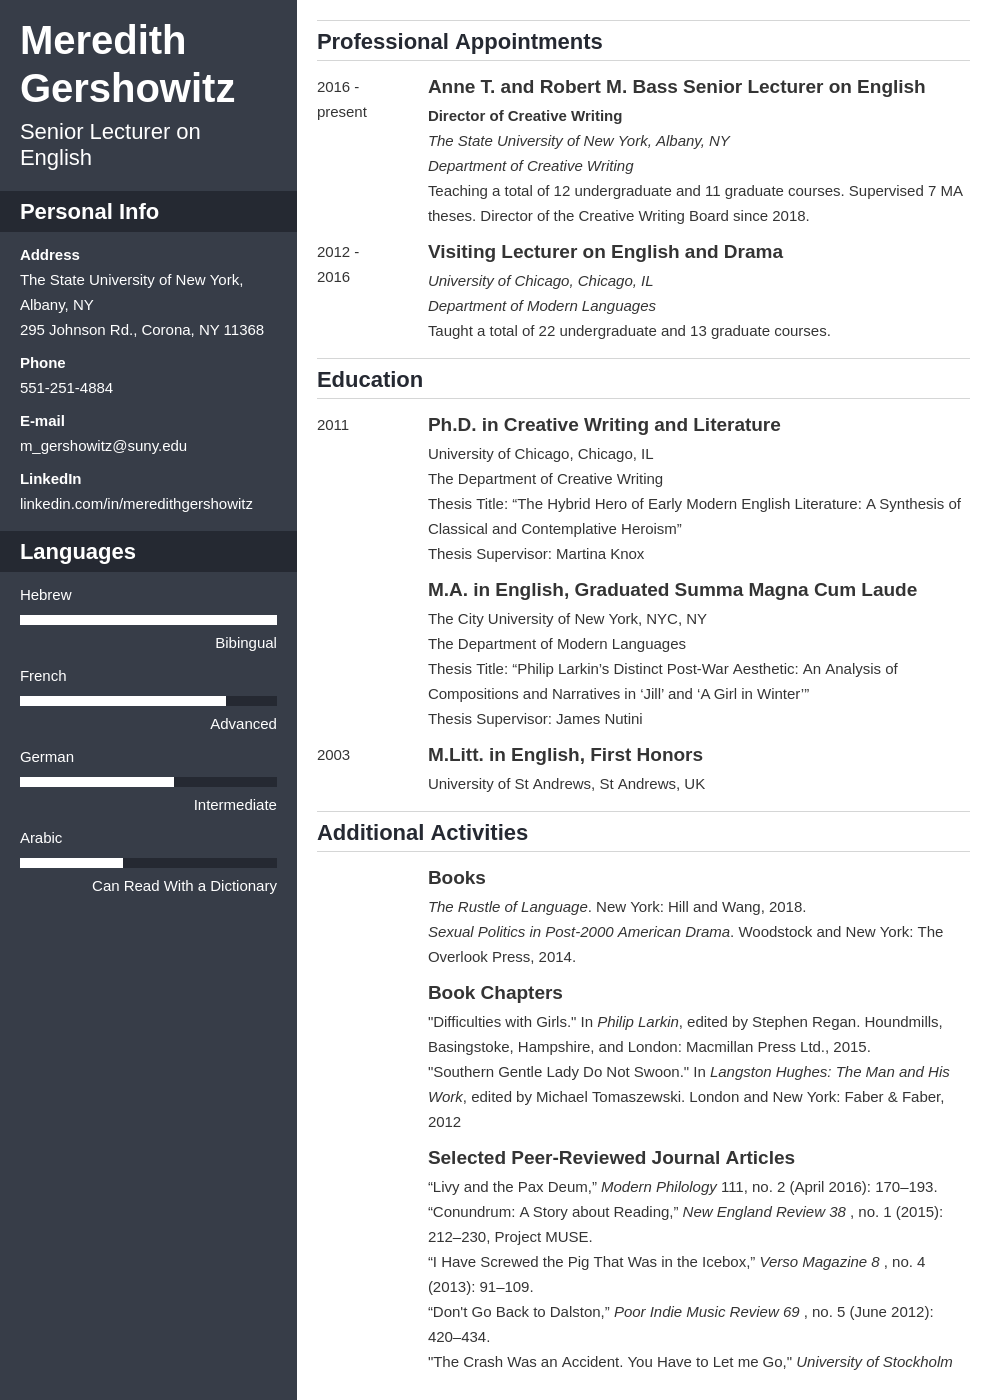 cv academic template cascade